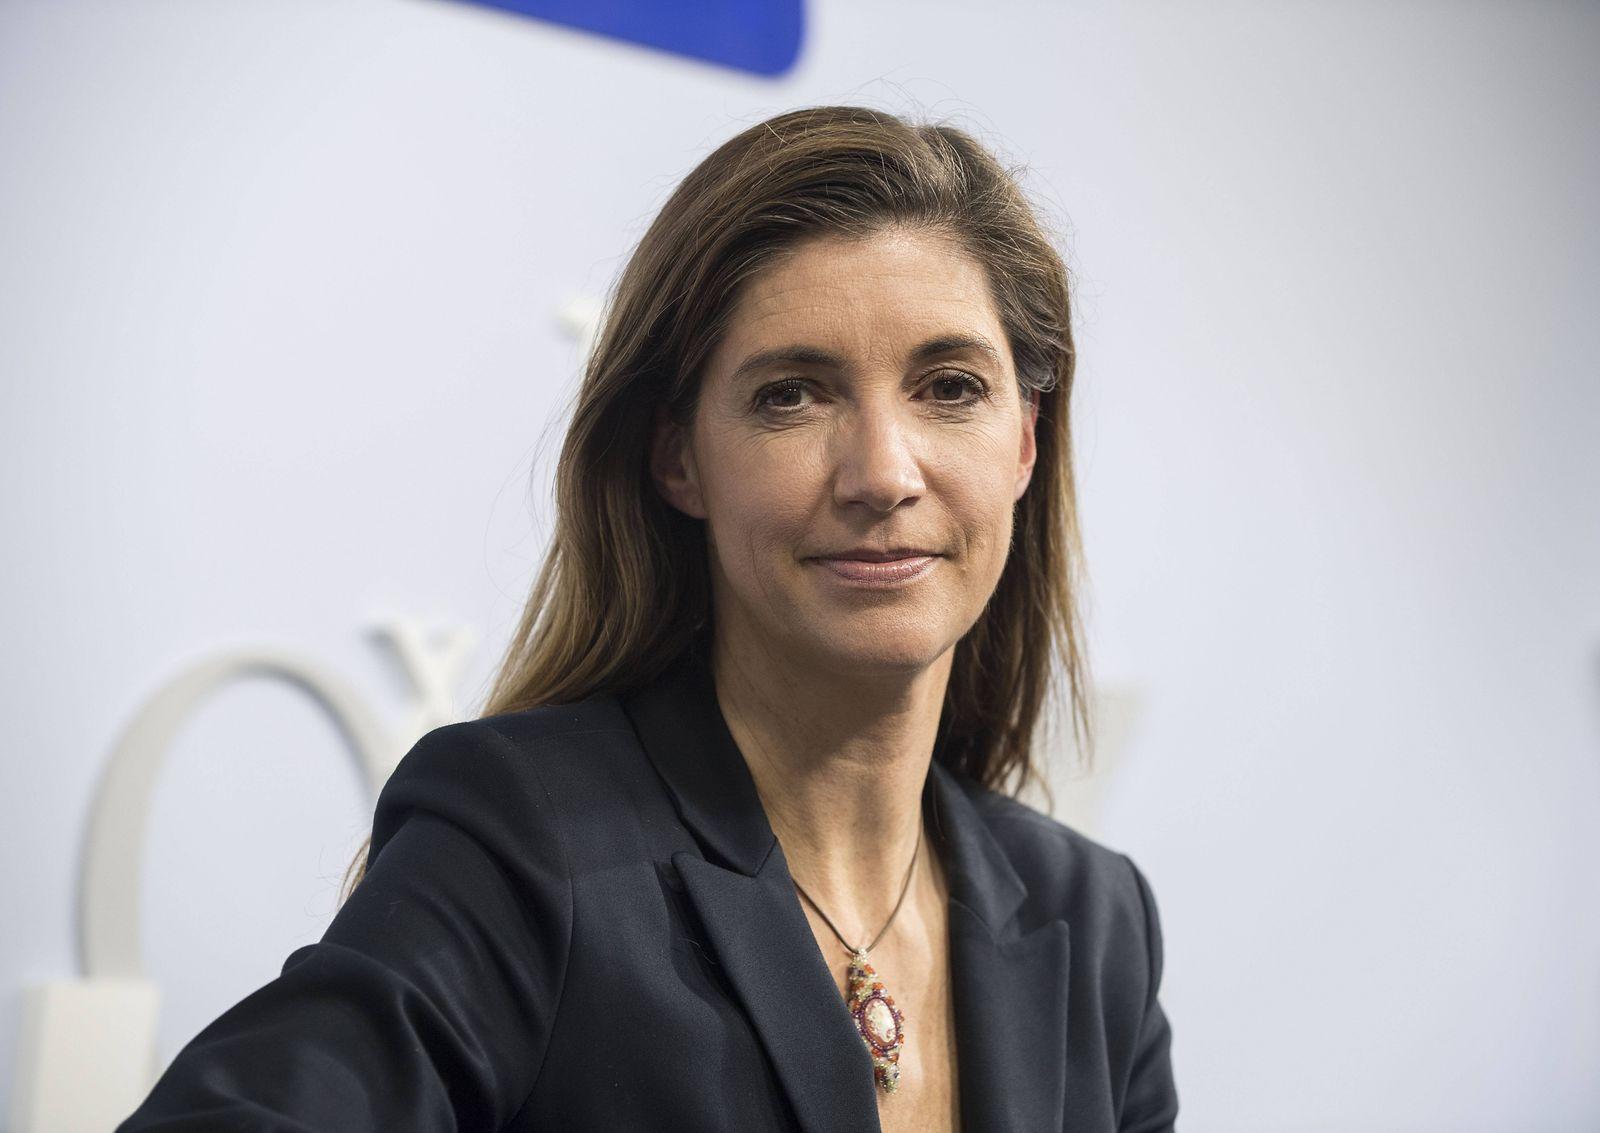 Christiane ZU SALM Christiane KOFLER Deutschland Medienunternehmerin am 21 10 2016 Frankfurter